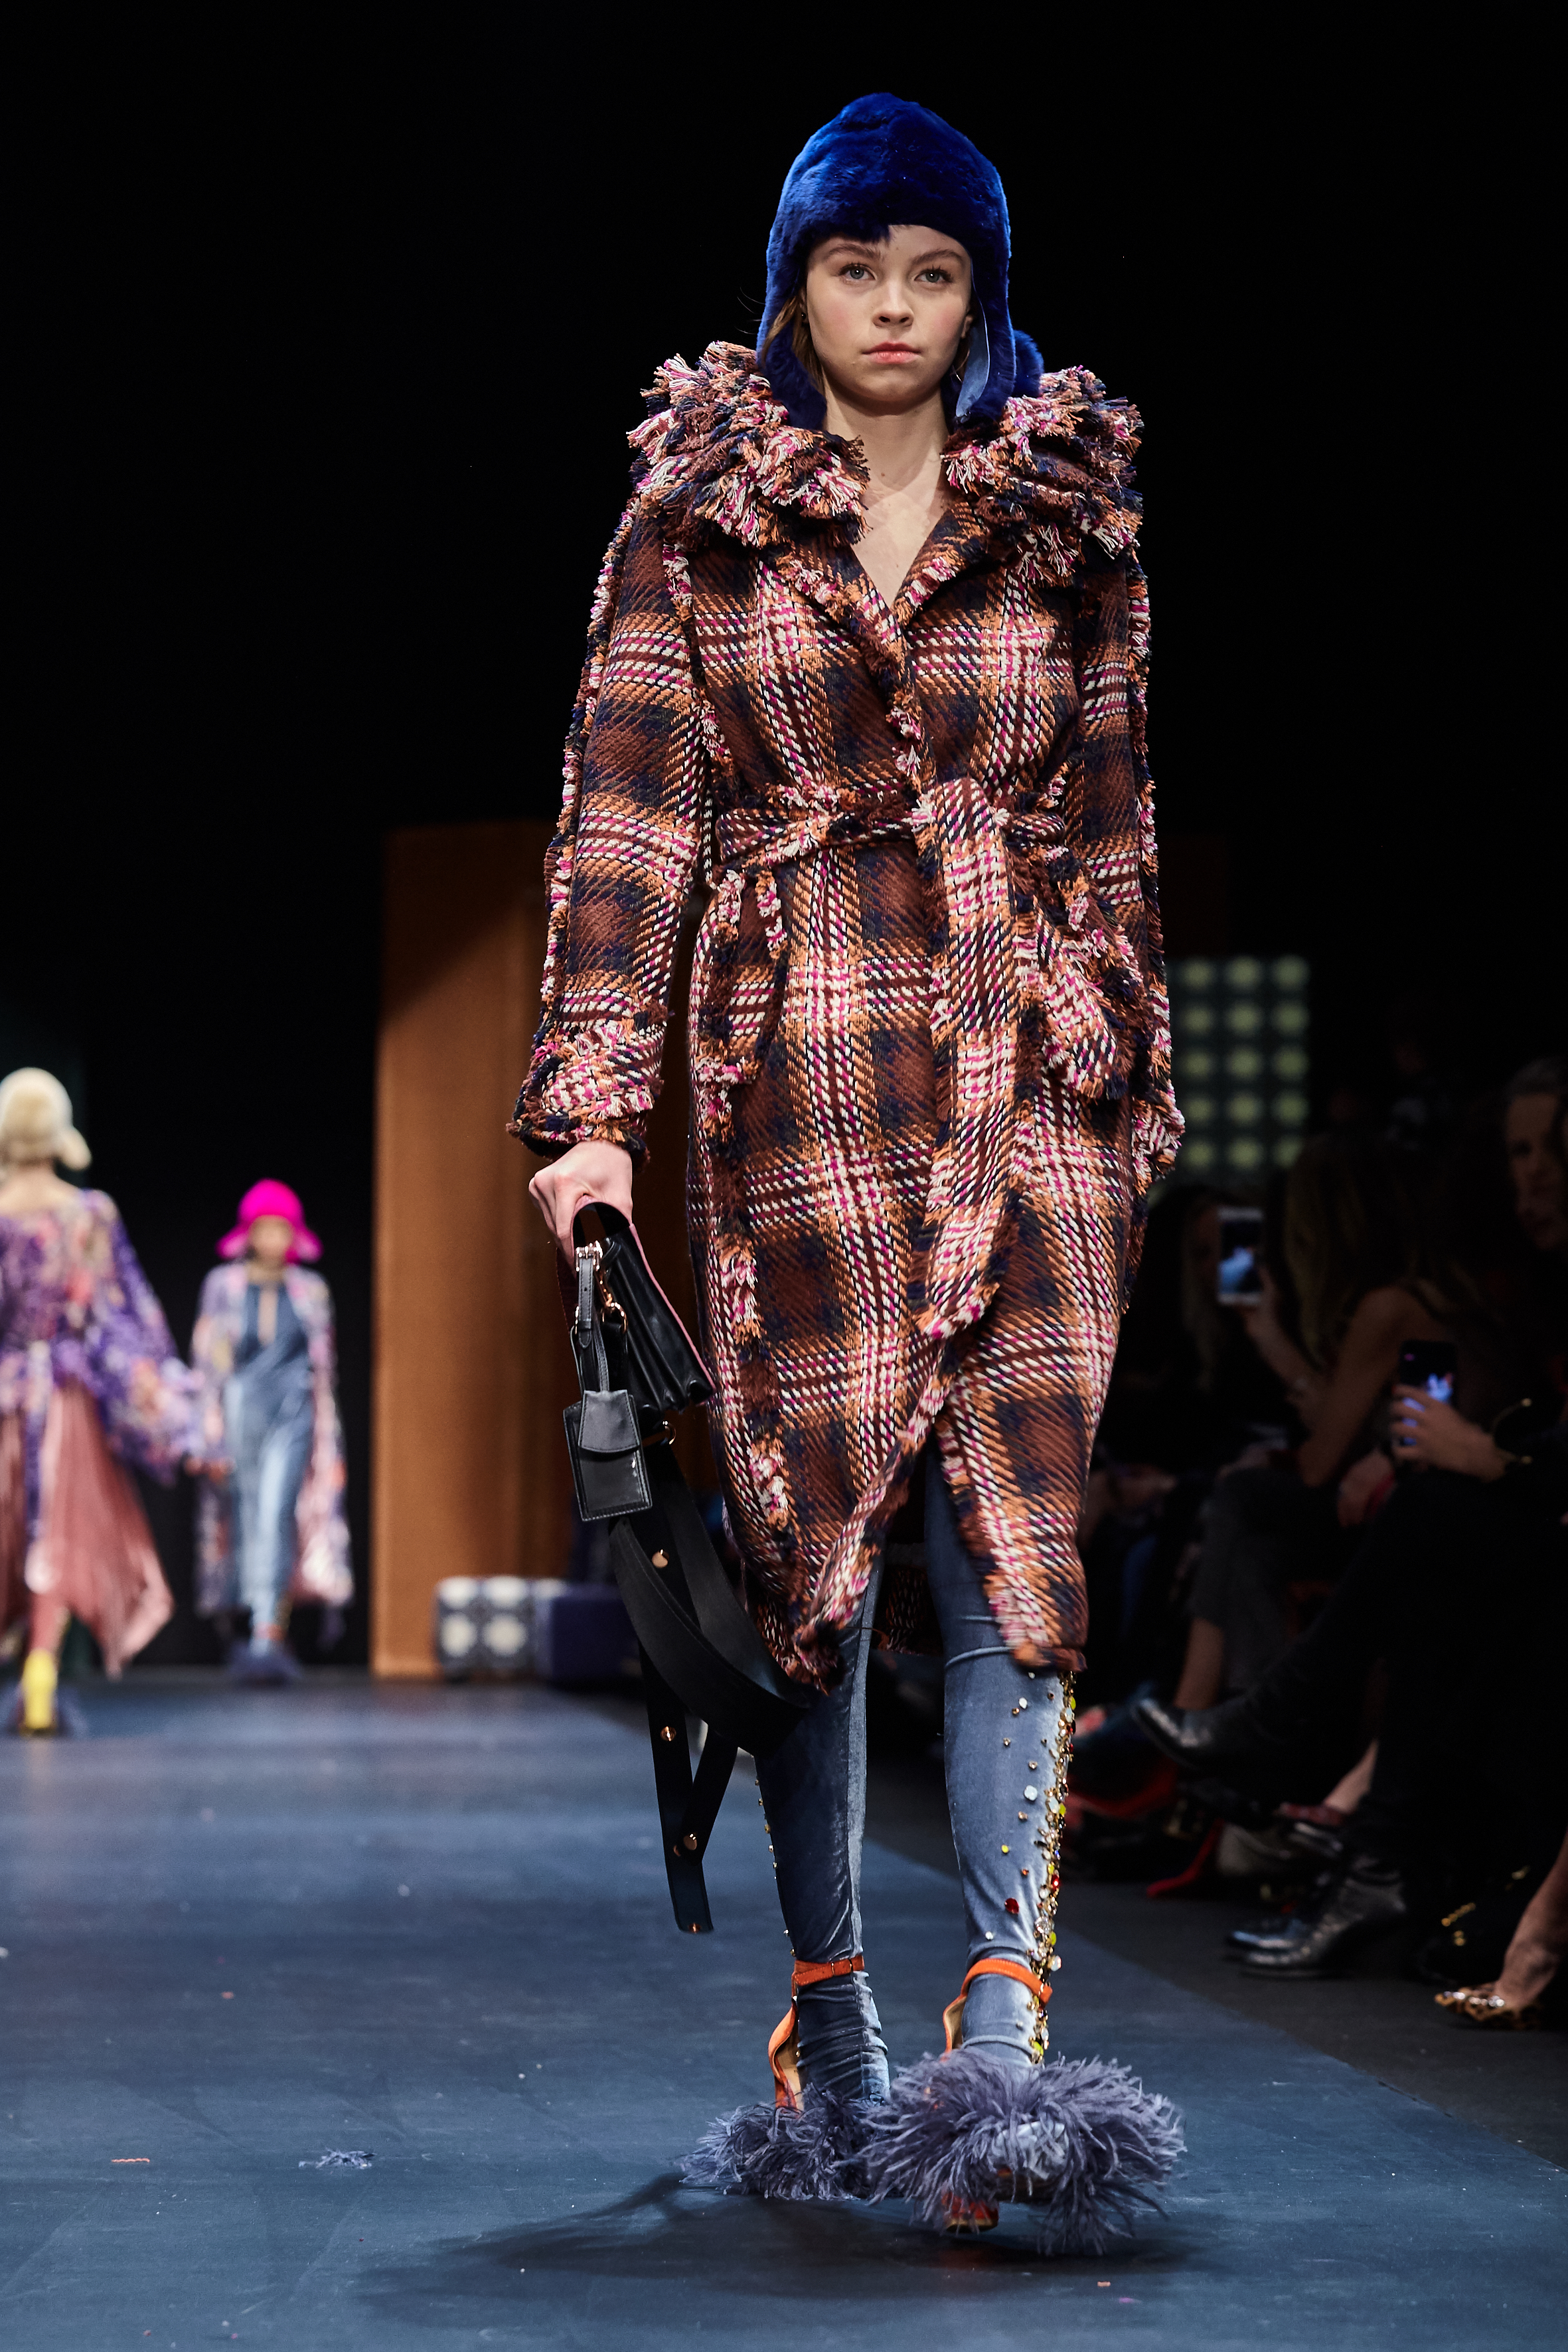 Looks_DawidTomaszewski_FashionWeekAW2018-19_HeidiRondak 205.jpg